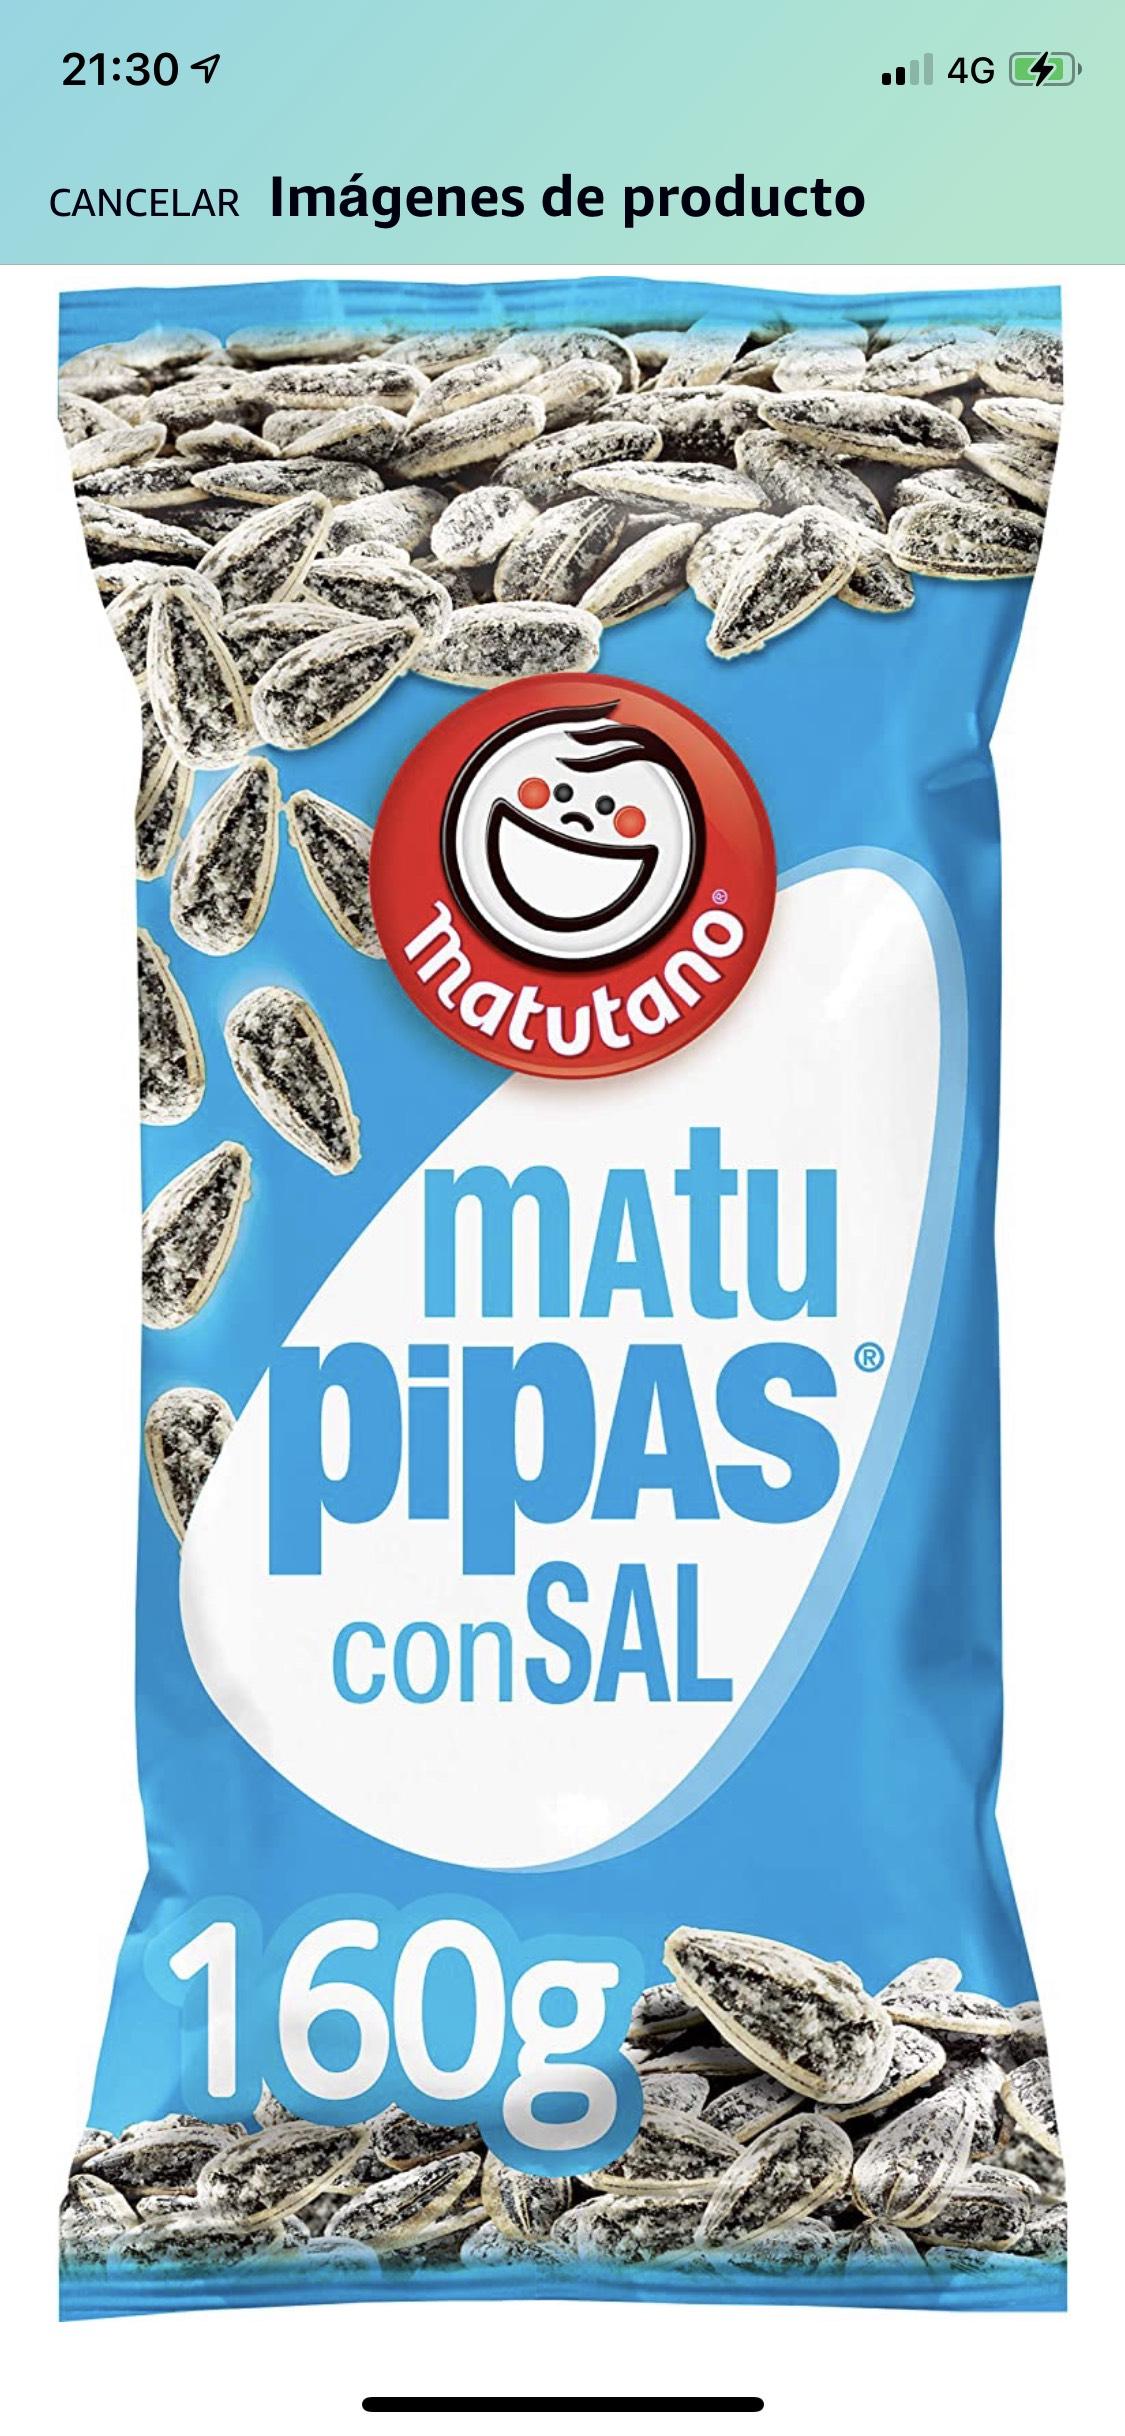 Pipas con sal Matutano Visto en el Sqrups! Dr. Esquerdo (Madrid)